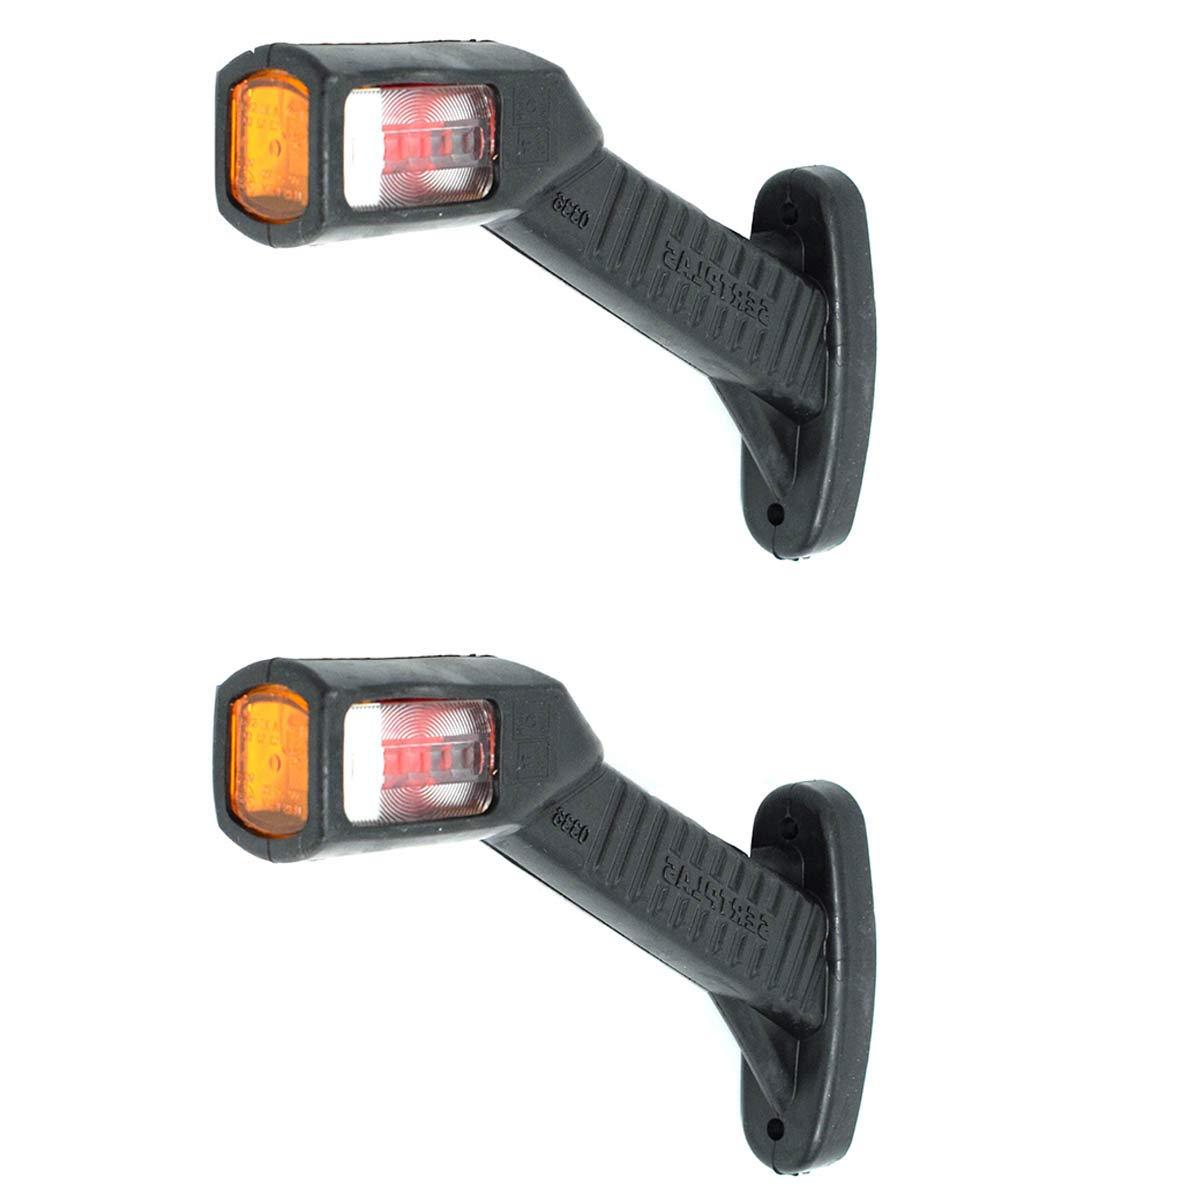 10x 4 LED Seitenmarkierungsleuchten Seitenleuchte Anhänger Begrenzungsleuchten